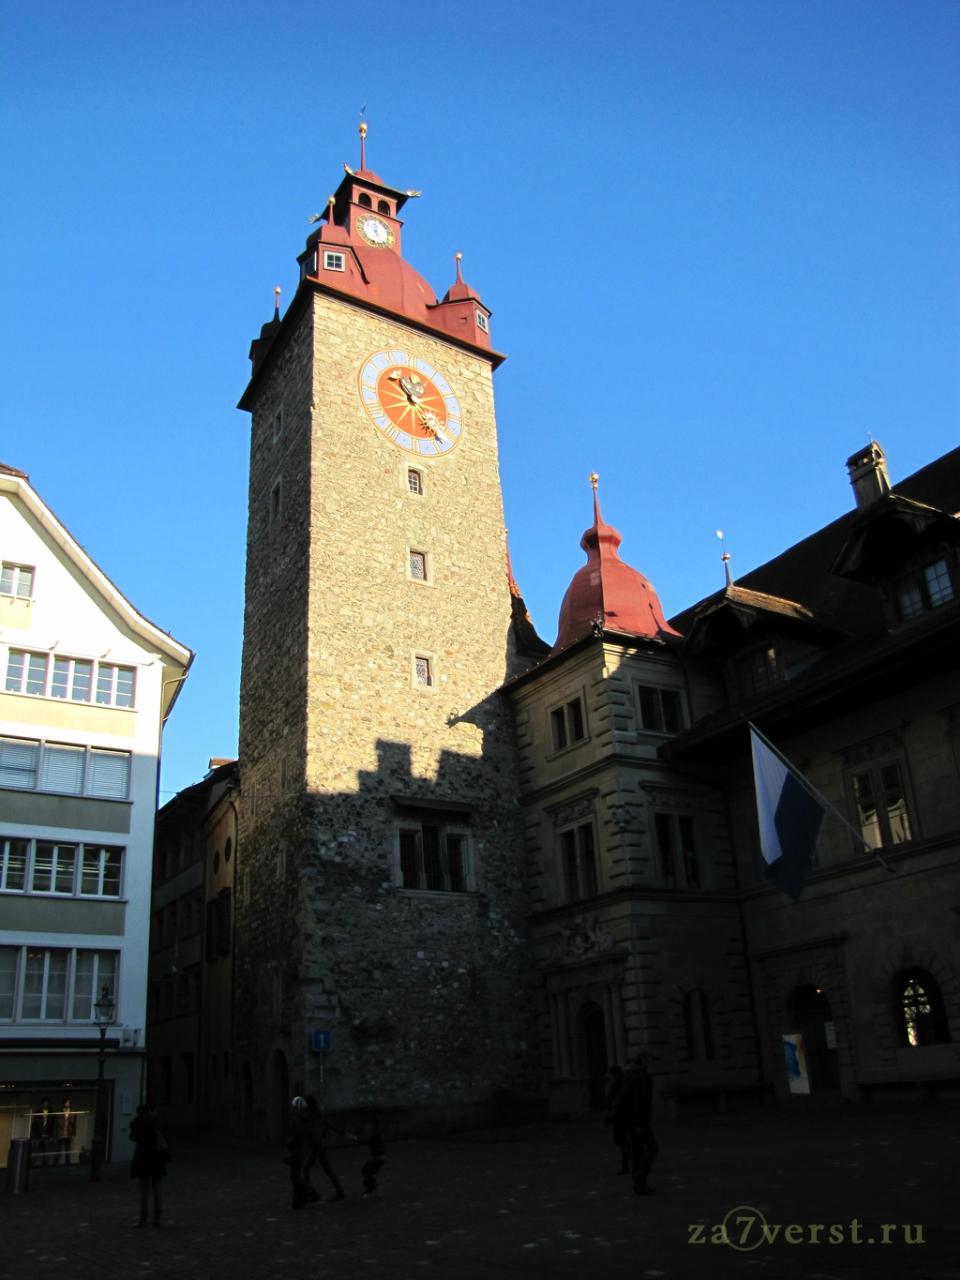 Ратуша, Люцерн, Швейцария